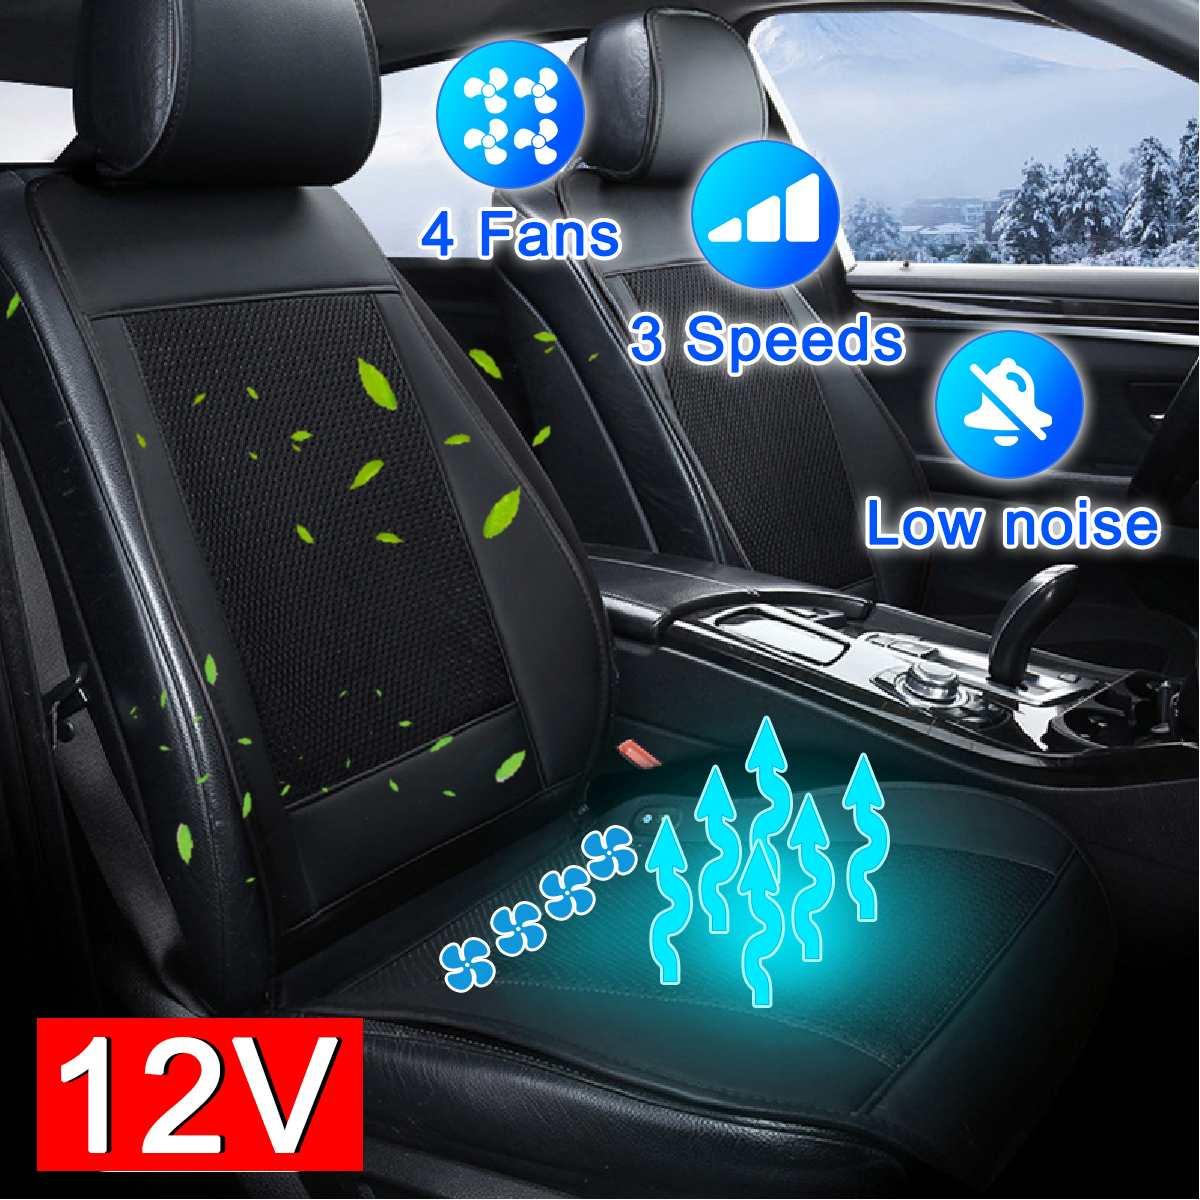 De 12V funda de cojín de asiento de coche de aire de ventilación ventilador acondicionado refrigerador Pad 4 construido en VENTILADOR DE 3 velocidades fundas para cojines de asiento